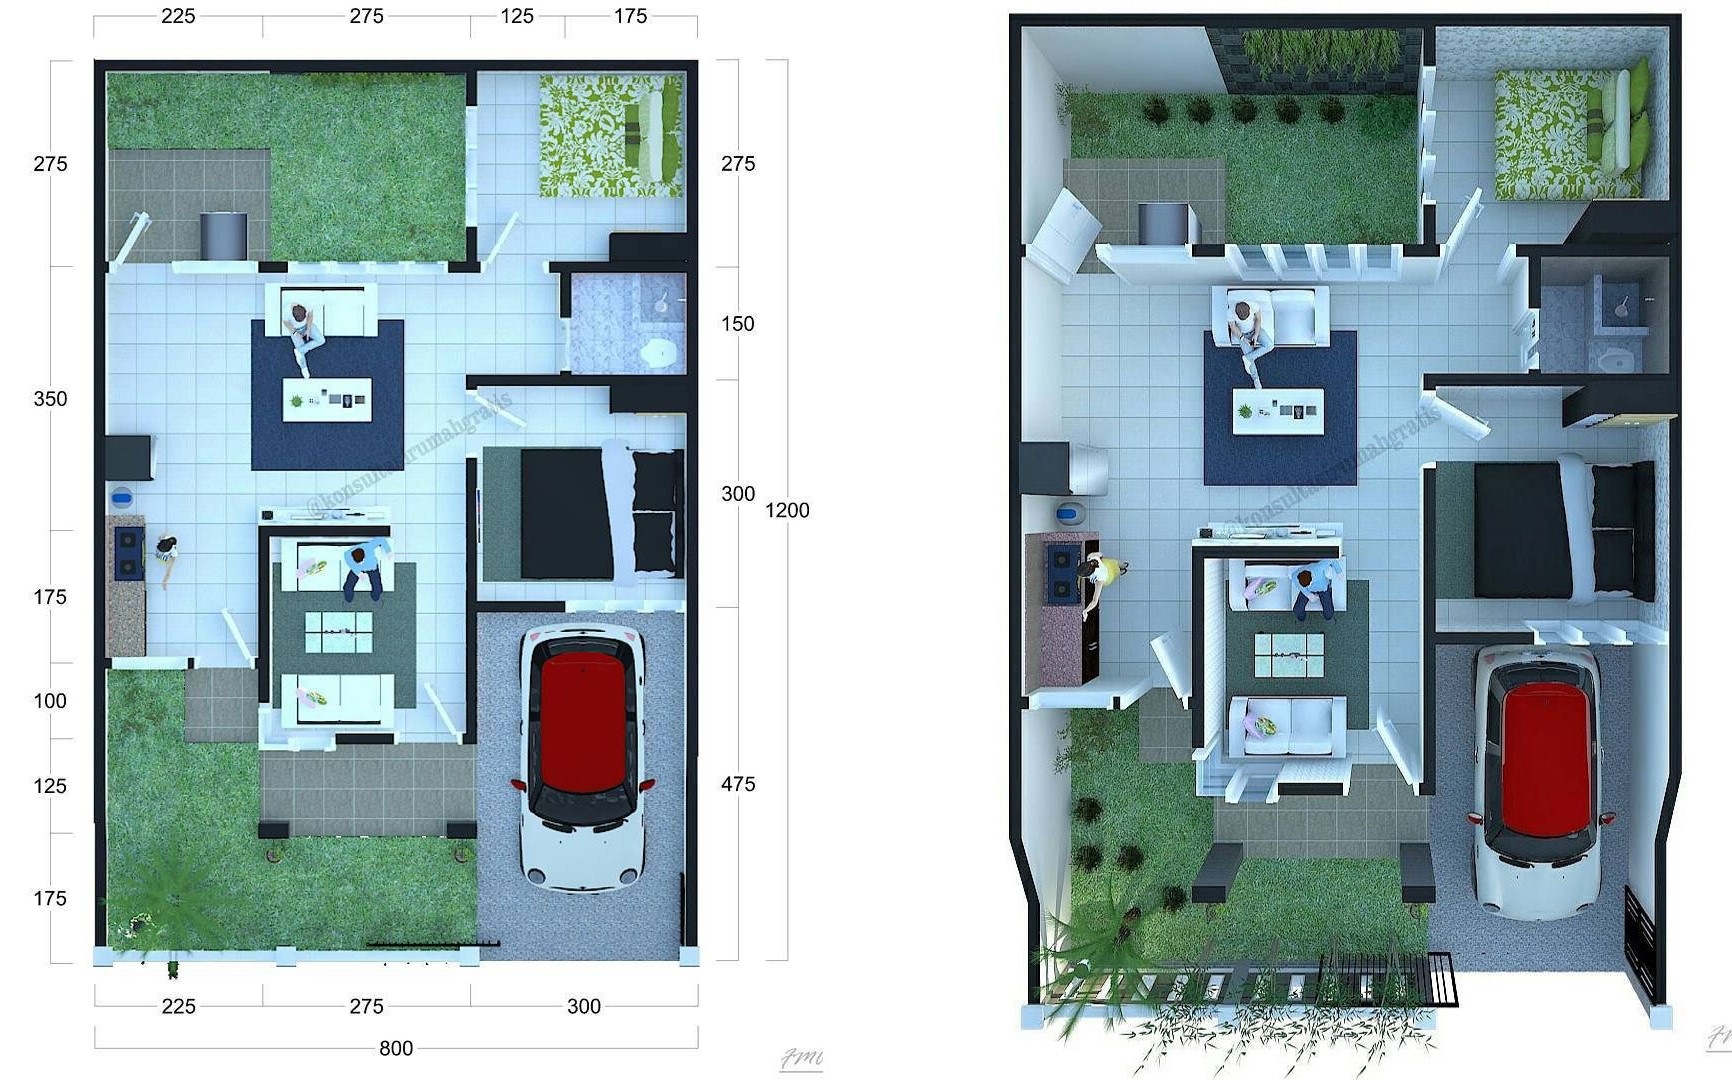 9 Gambar Denah Rumah Sederhana Lengkap 2018 Type 36 45 Dekor Rumah